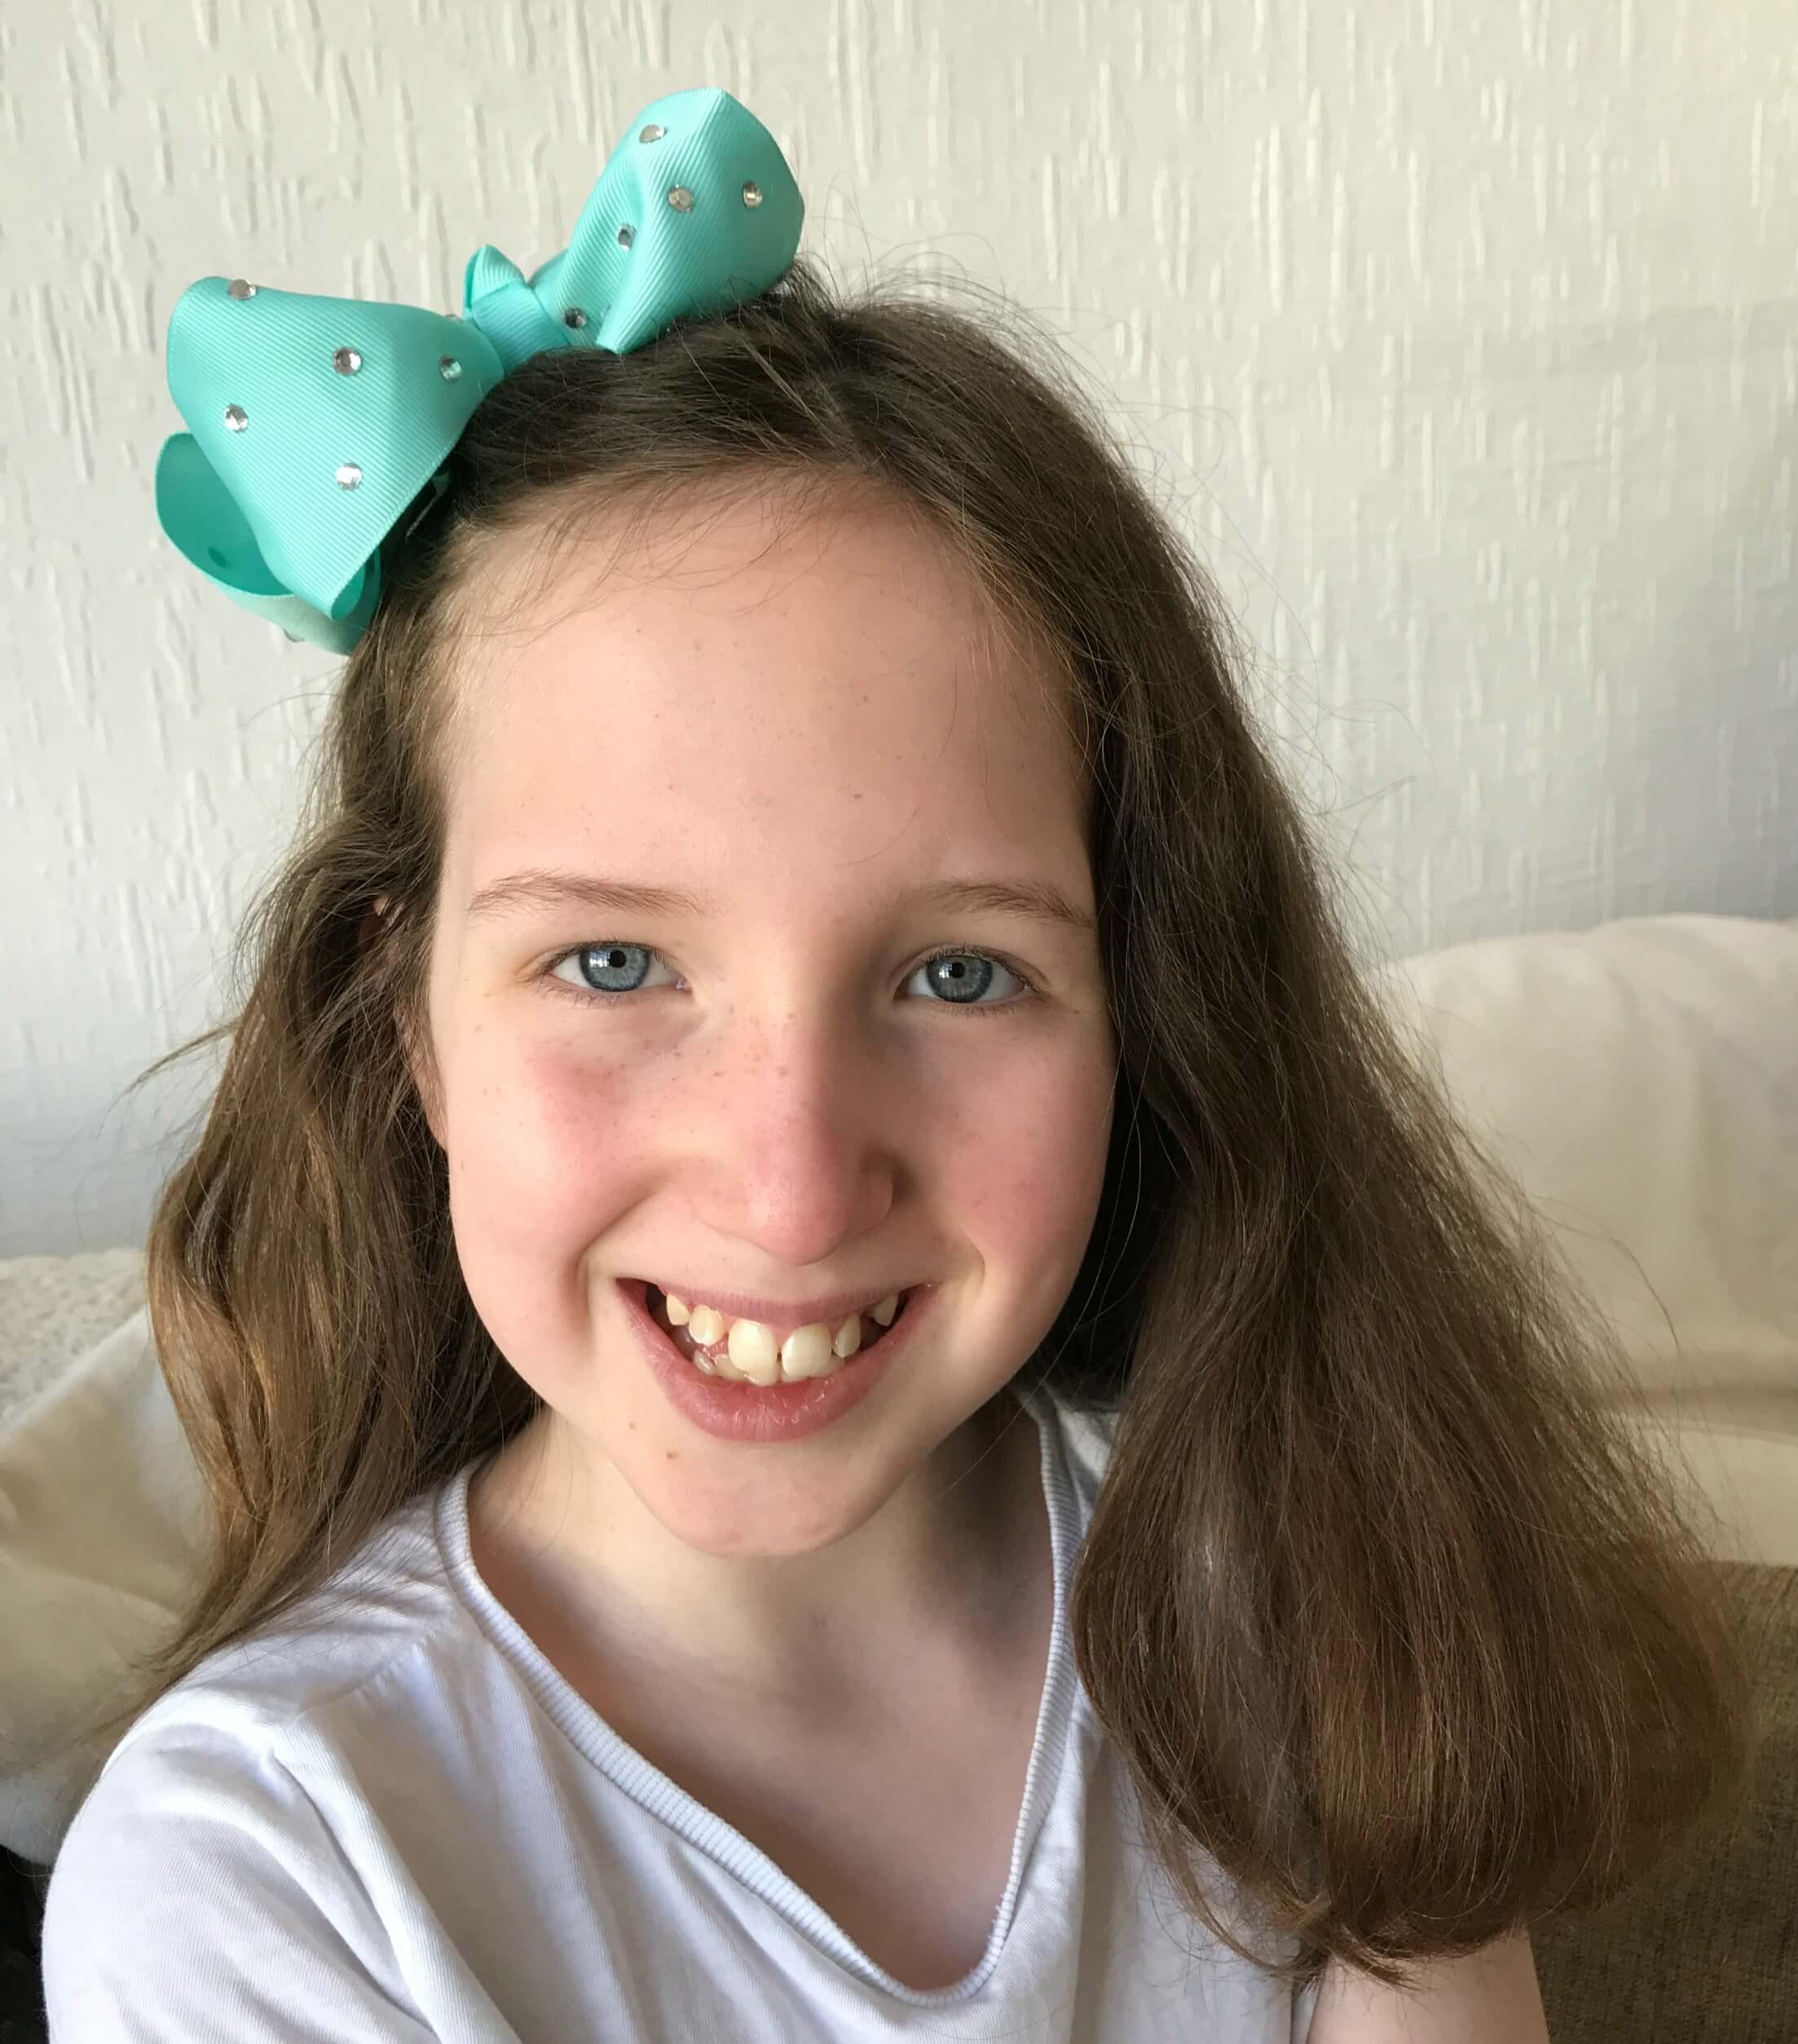 JoJo Brushes - Caitlin wearing her JoJo Bow